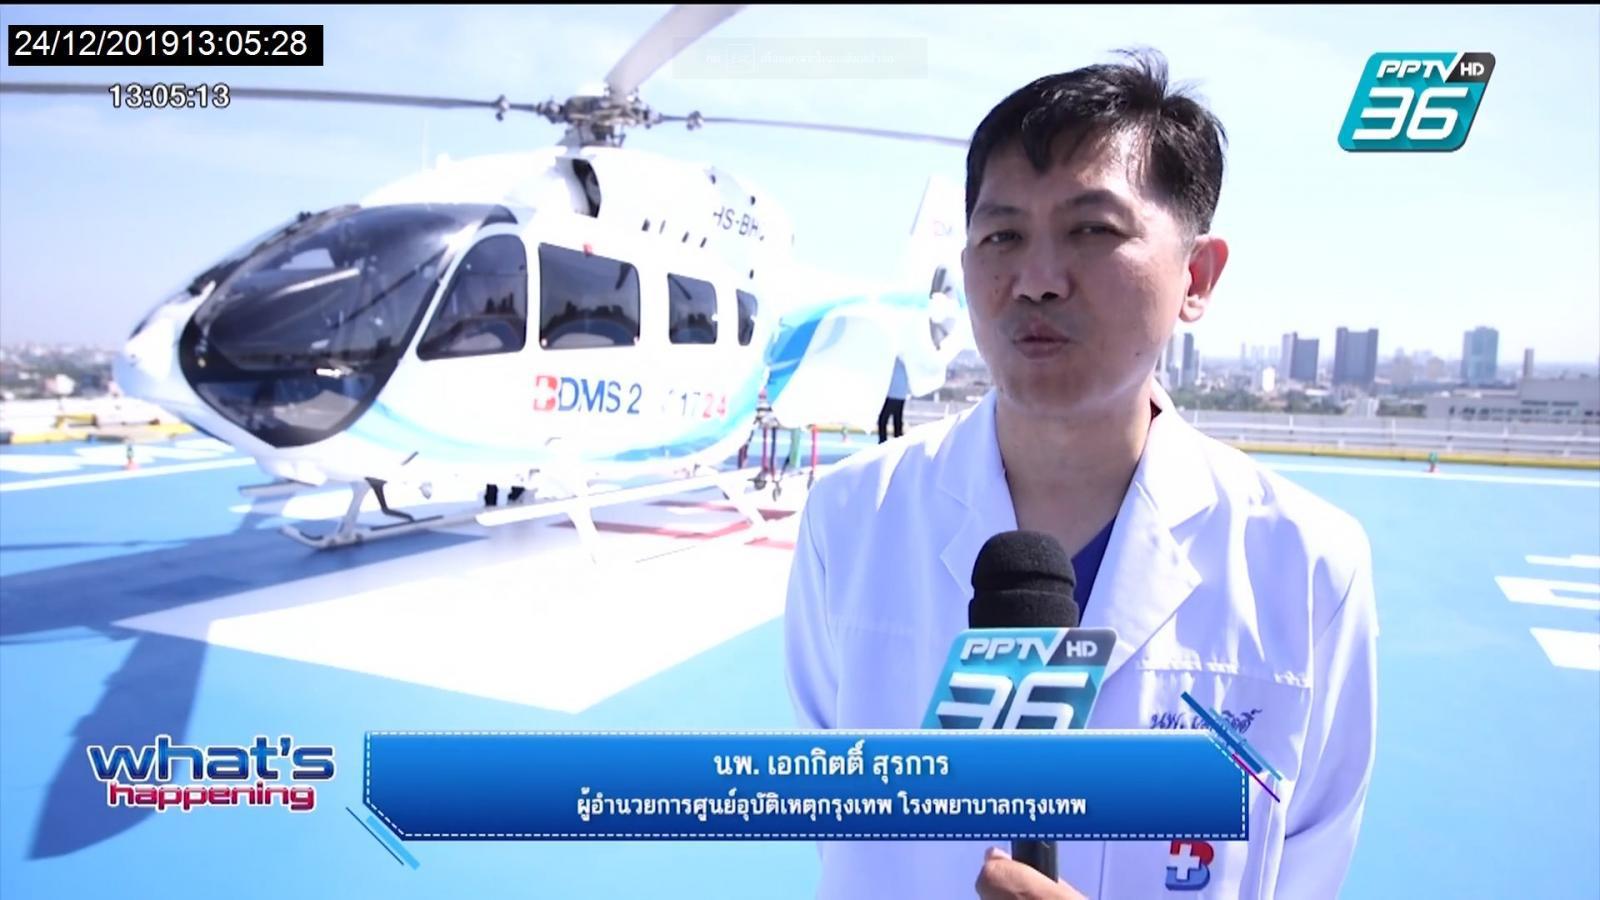 รพ.กรุงเทพ พร้อมรับมือผู้บาดเจ็บจากกรณีฉุกเฉิน ด้วยมาตรฐานระดับสากล